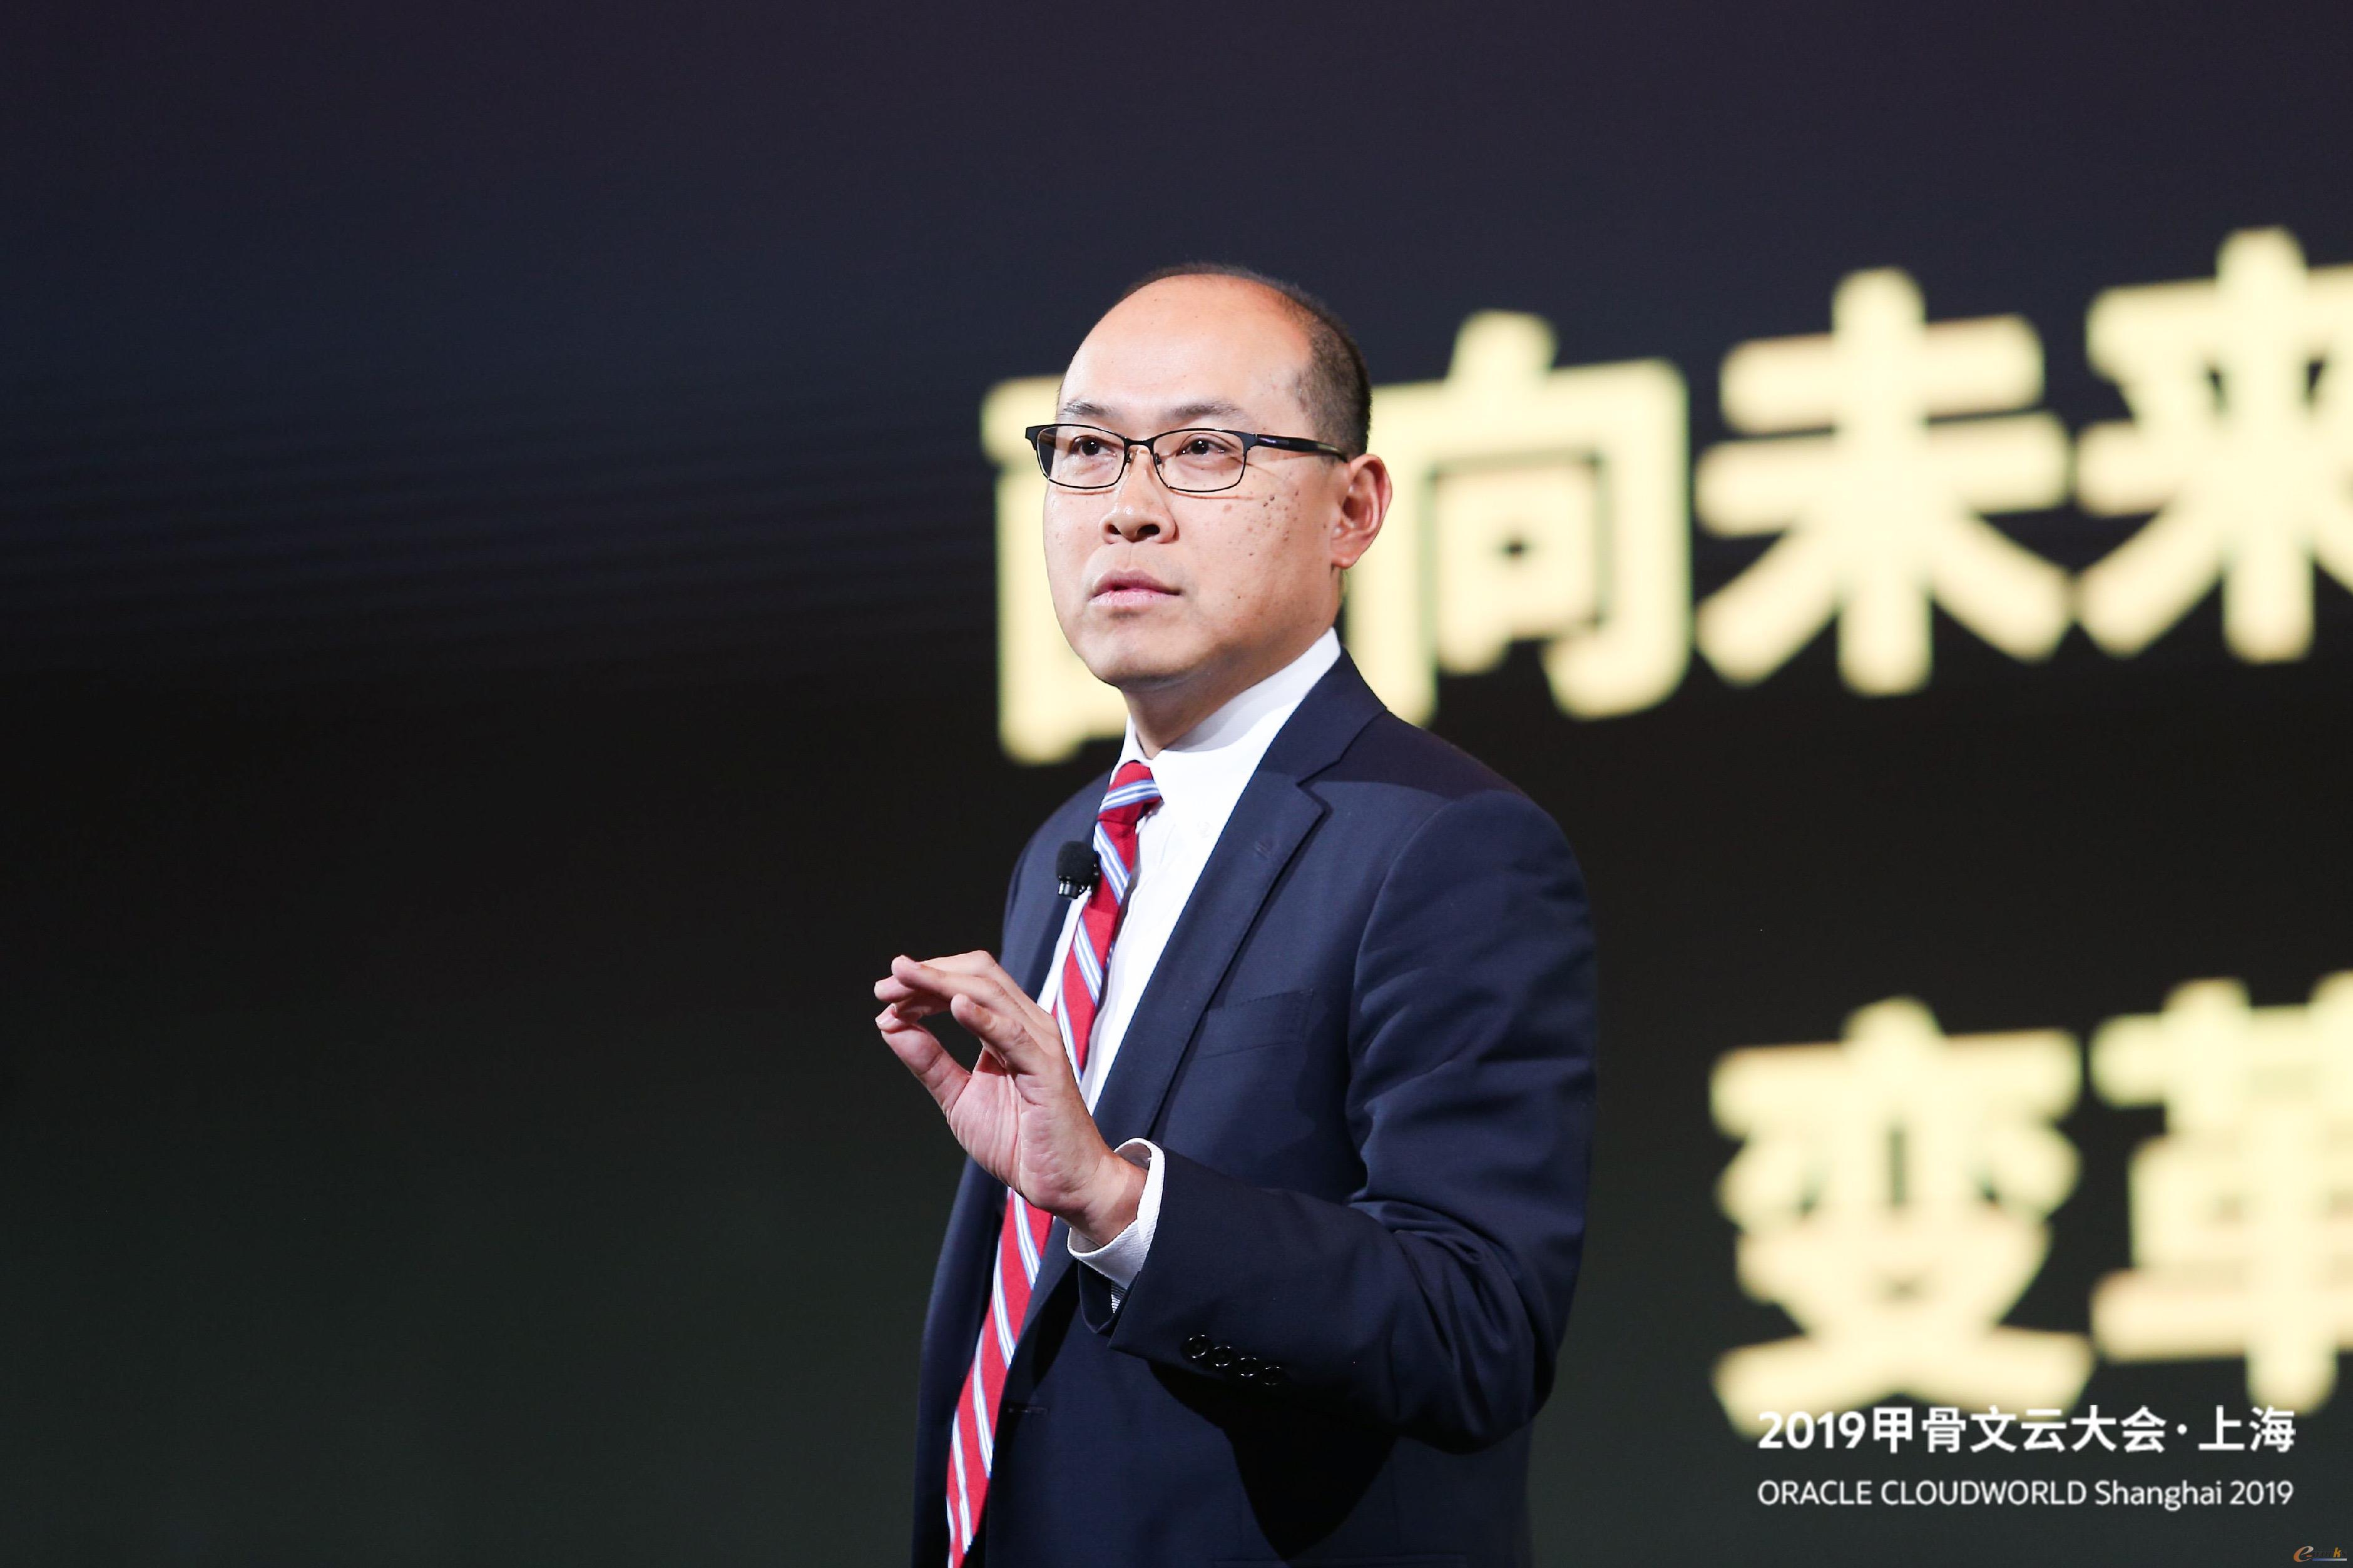 甲骨文公司副总裁及中国区应用软件总经理唐聆风